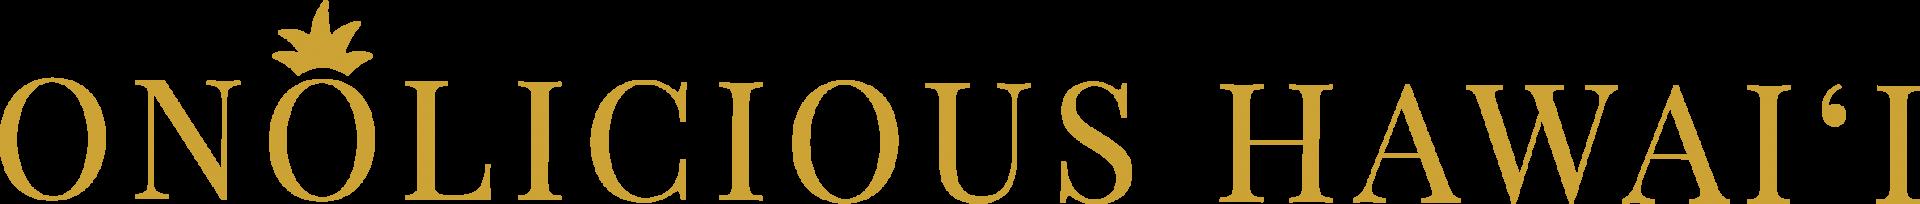 Onolicious Hawaiʻi logo